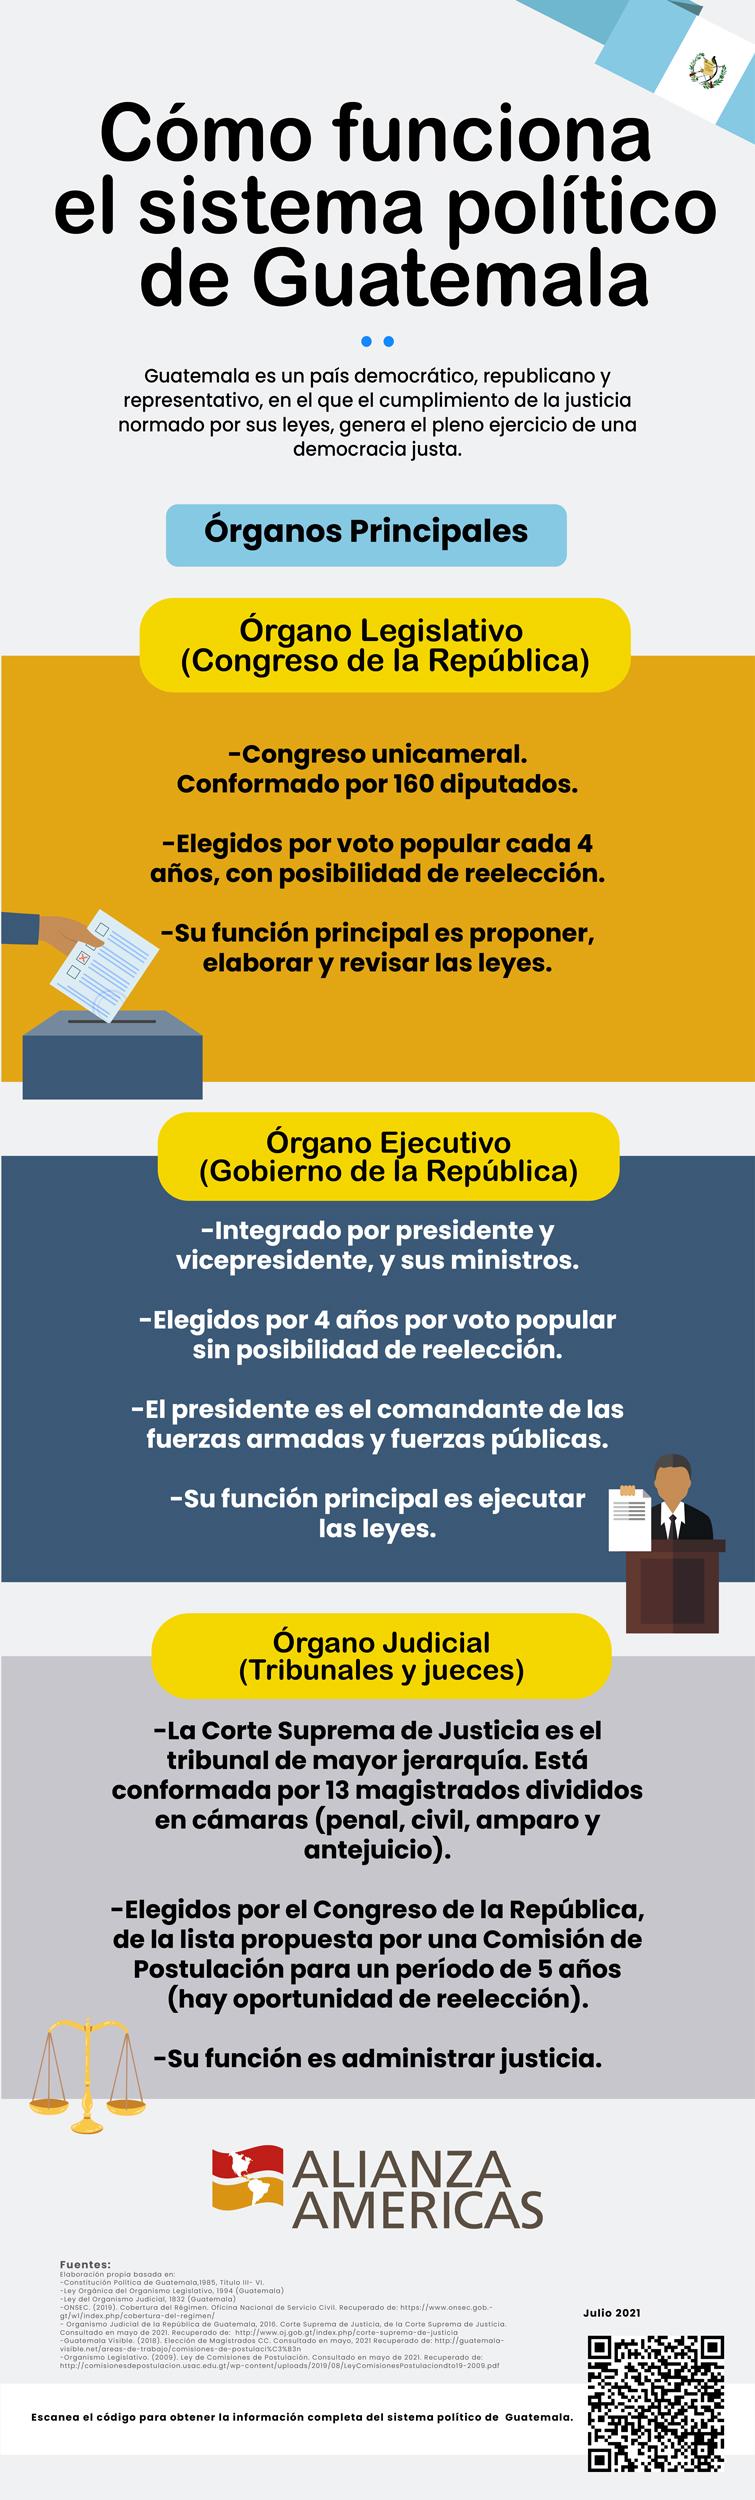 Guatemala-3-Organos-Principales